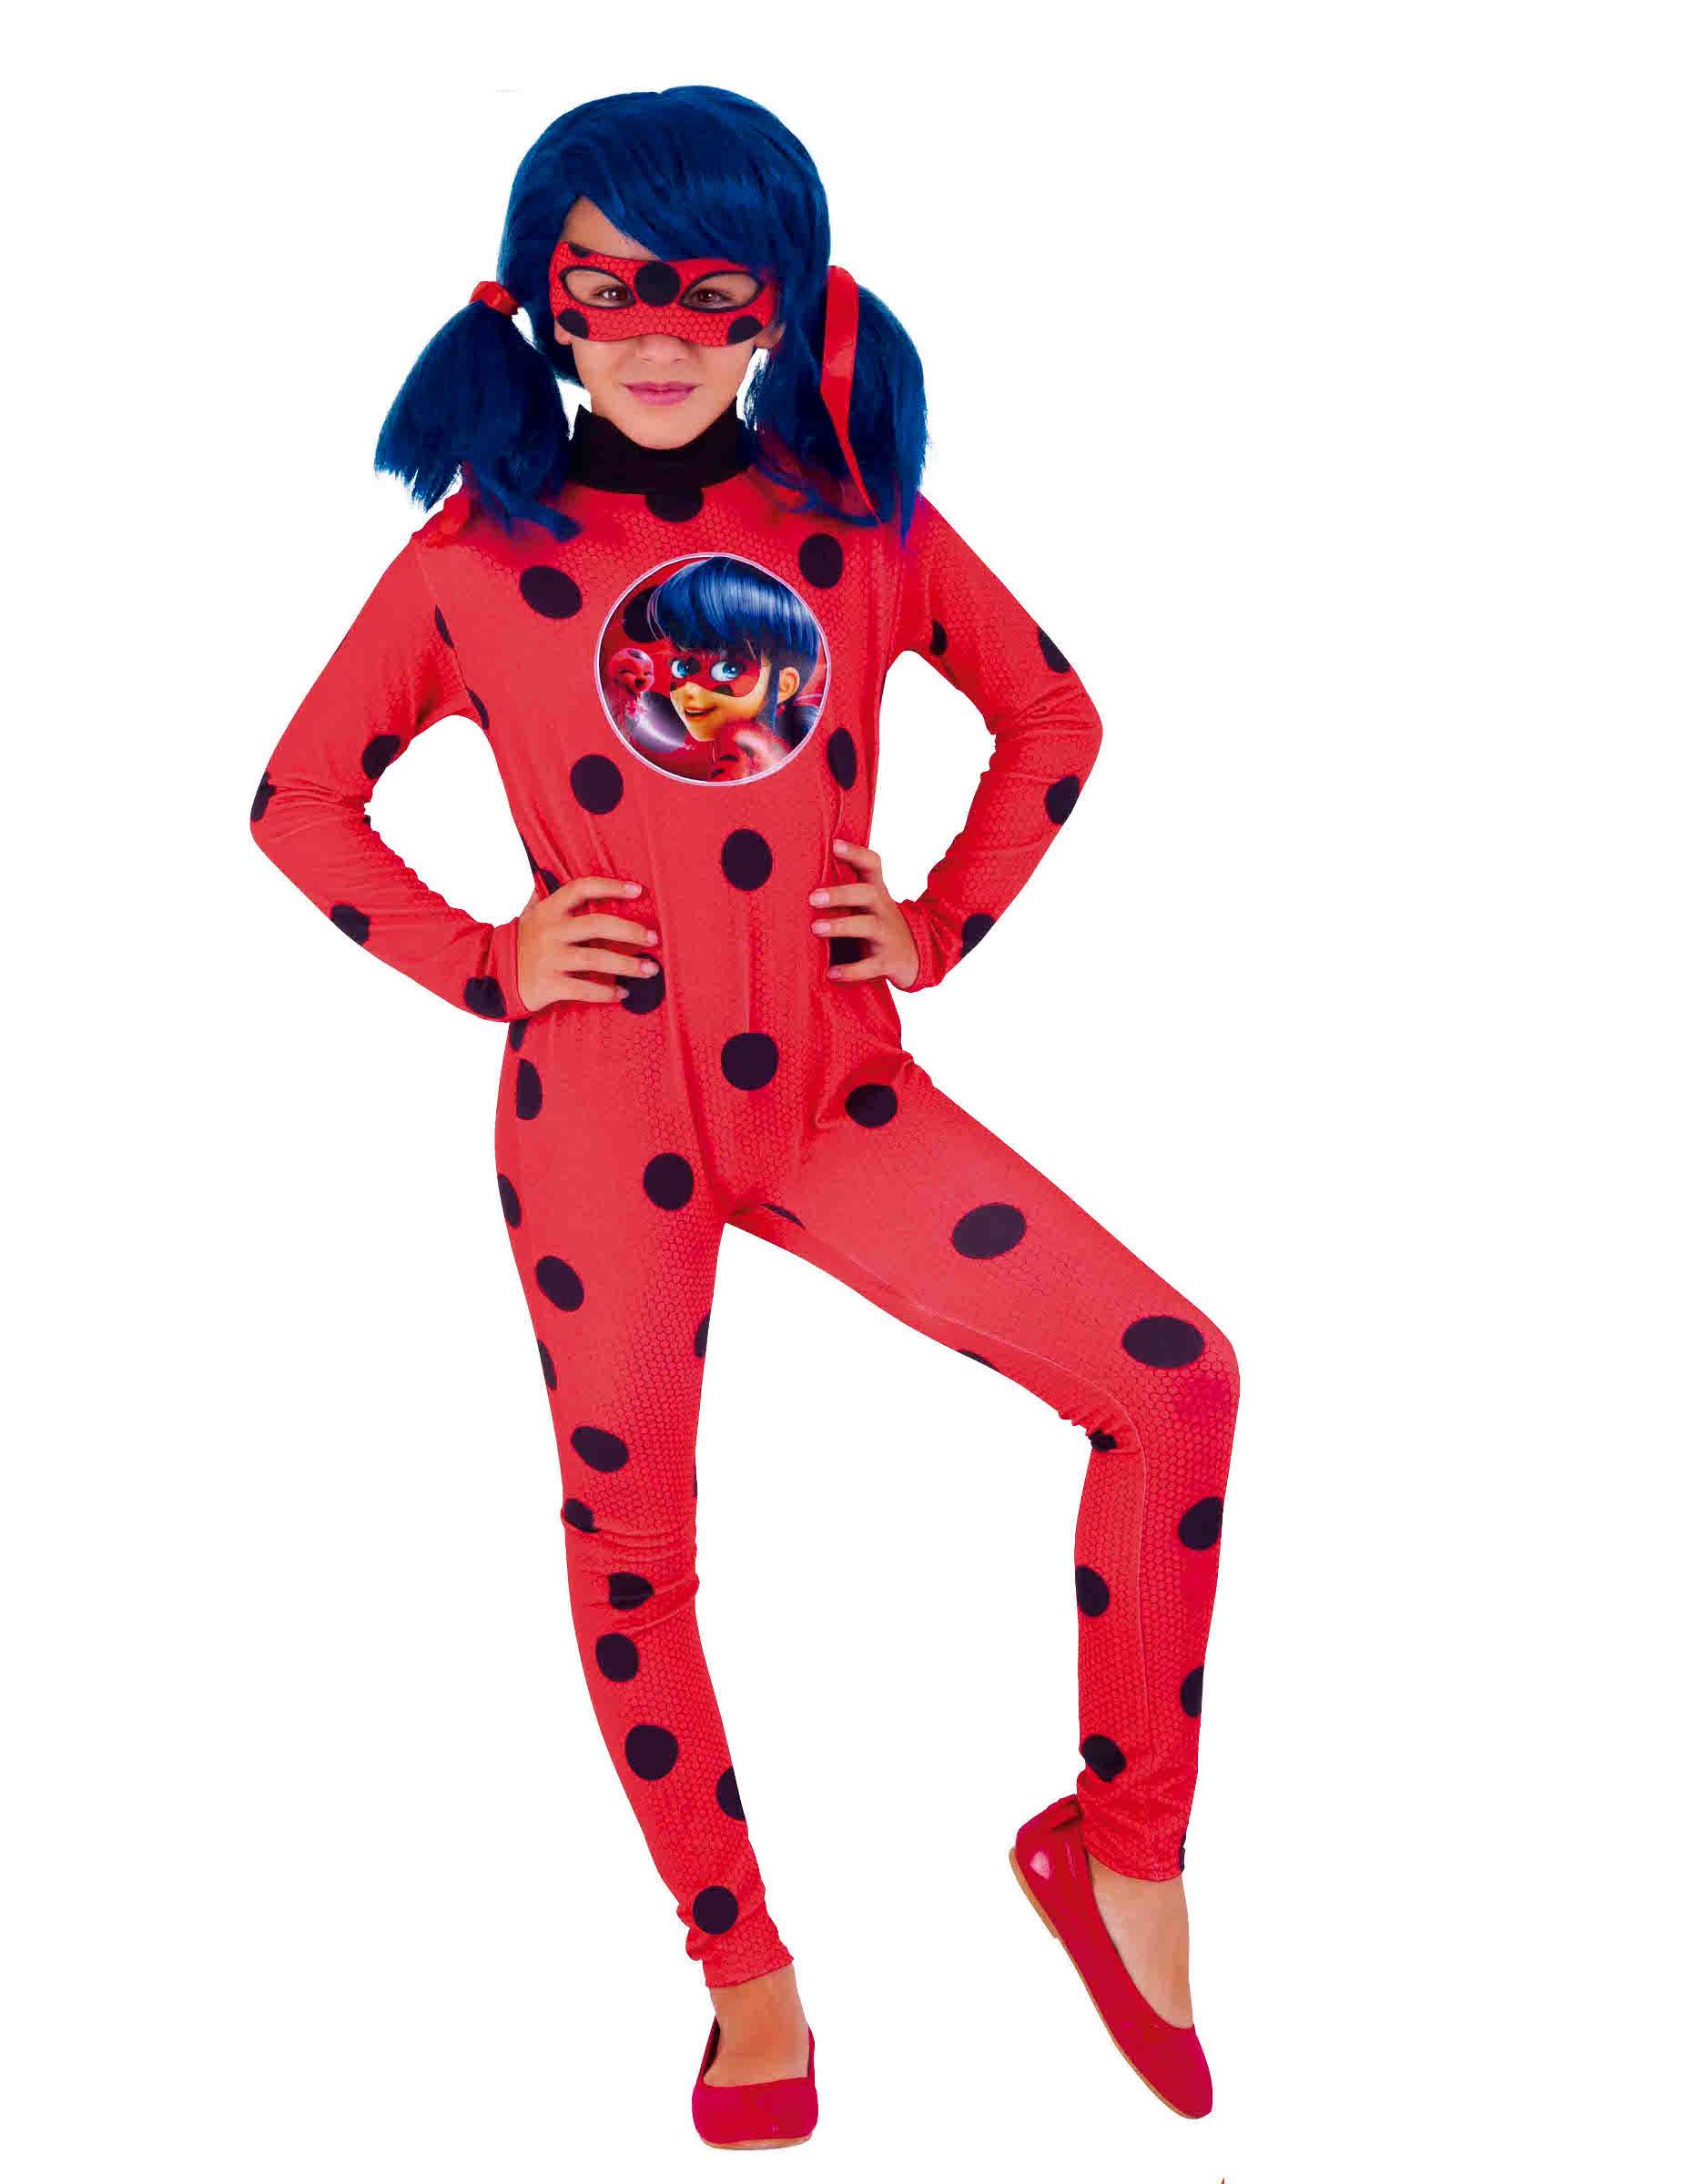 ladybug kost m kombi f r m dchen kost me f r kinder und. Black Bedroom Furniture Sets. Home Design Ideas